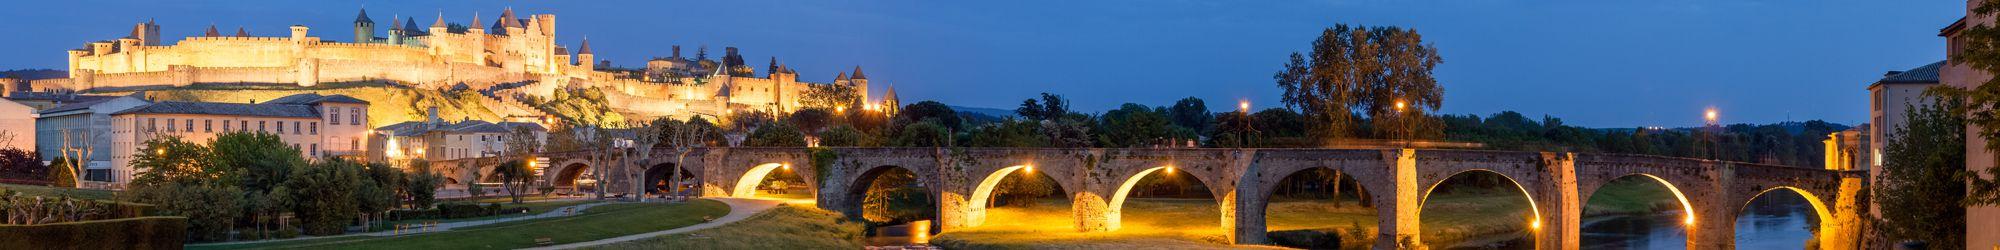 Pont de Carcassonne